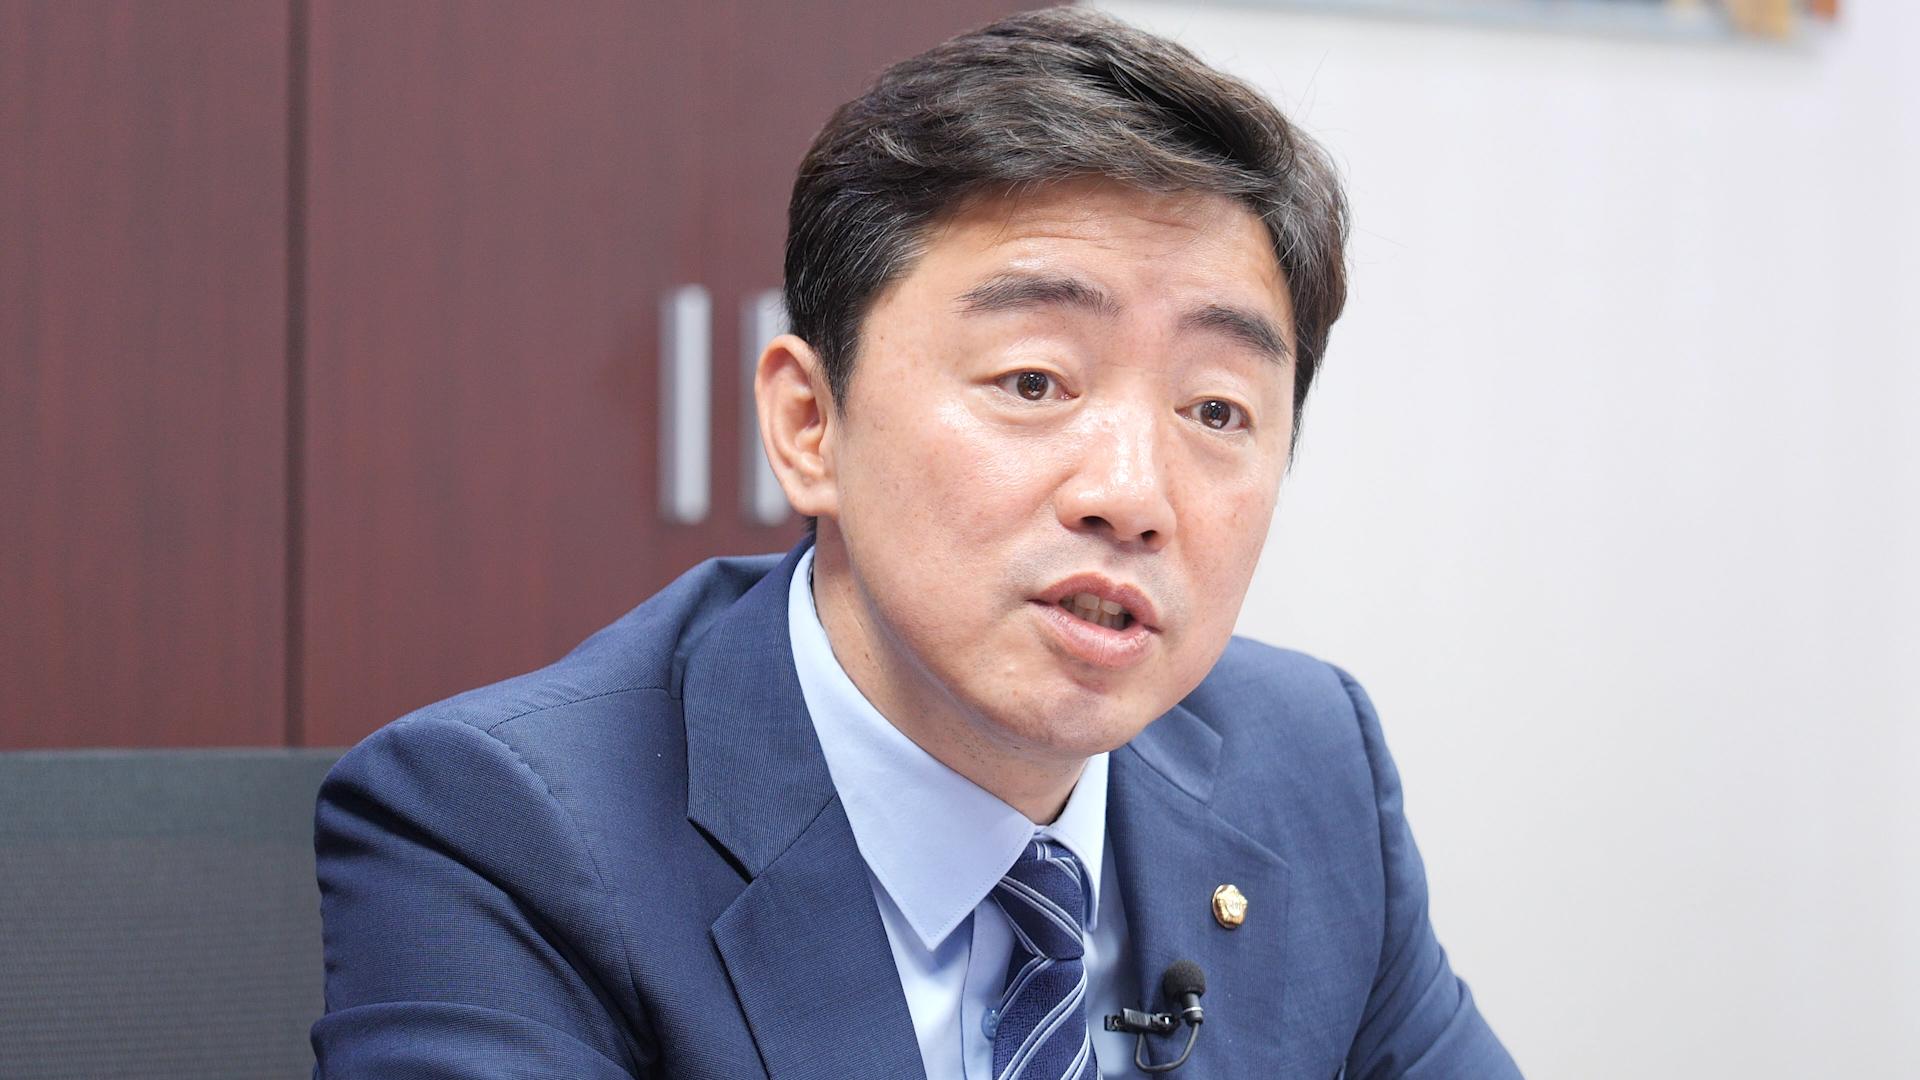 지난 5월 중앙일보와 인터뷰 중인 민주당 강훈식 의원.